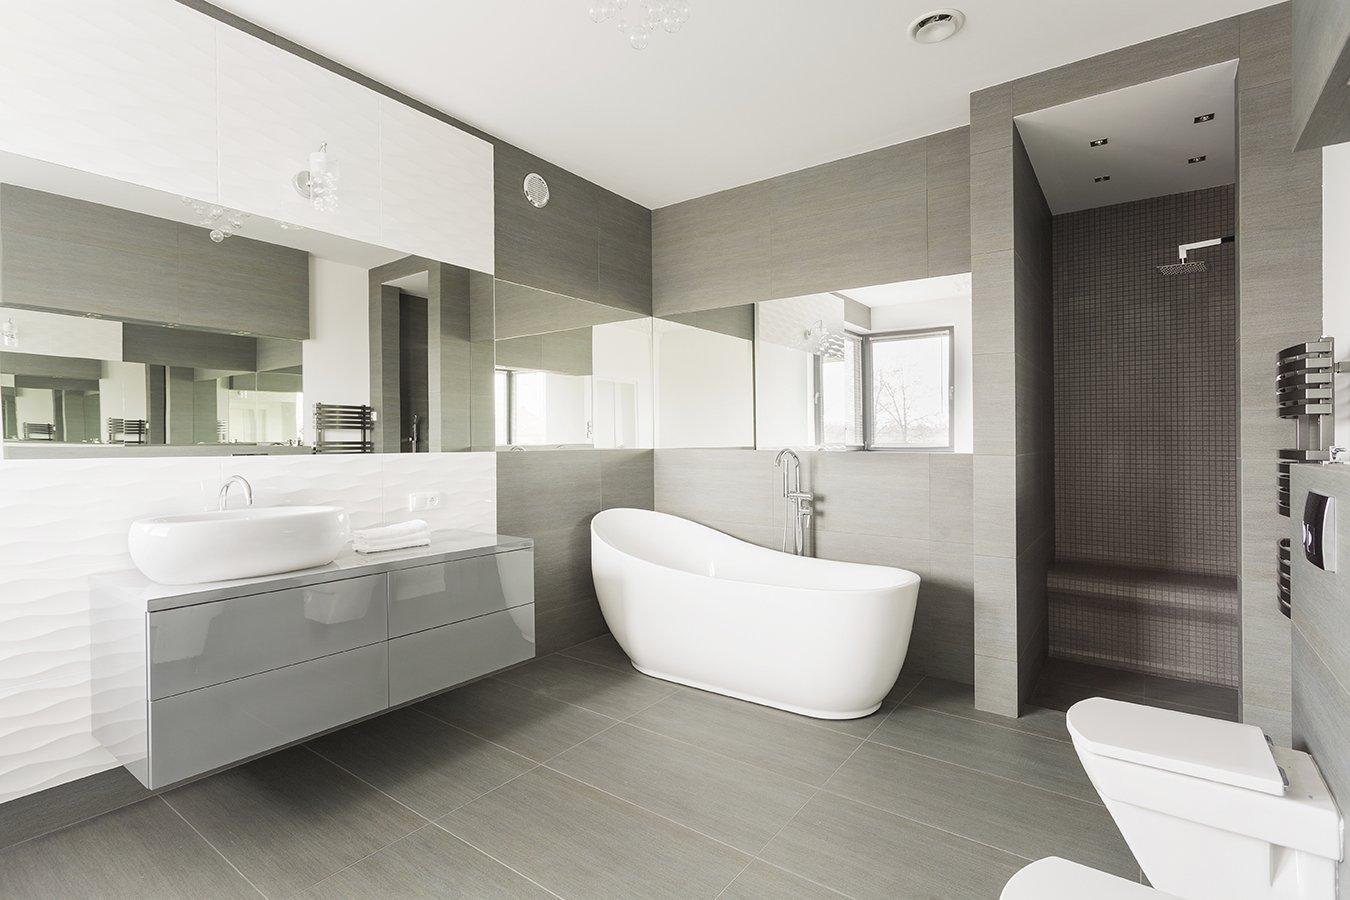 Image result for bathroom renovation